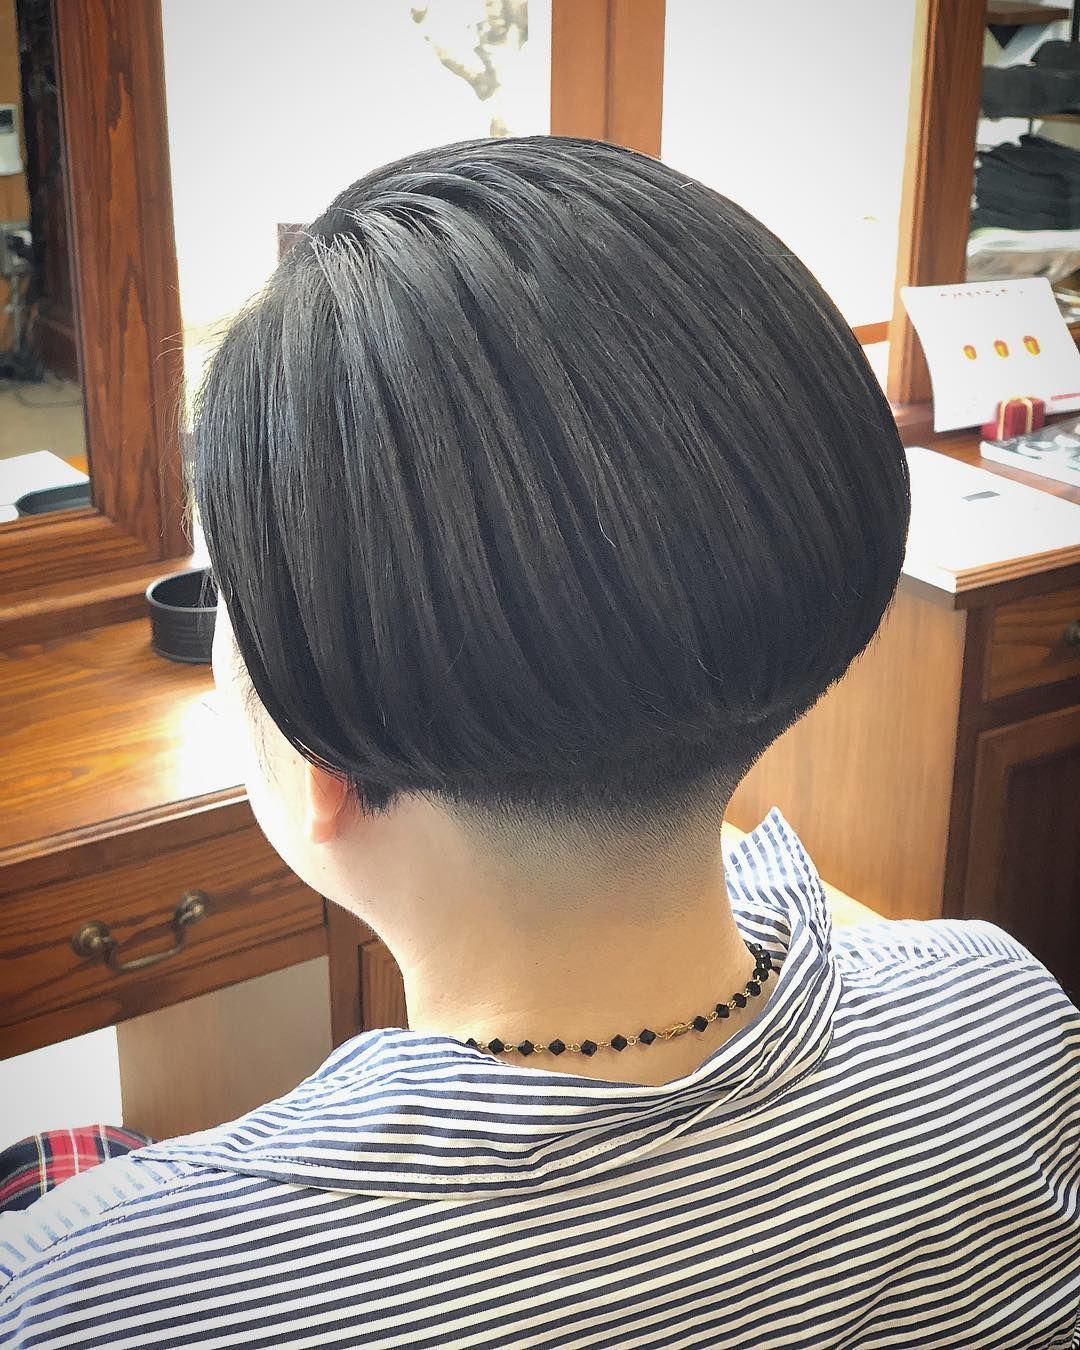 Hair Ideas おしゃれまとめの人気アイデア Pinterest Jing Wun Hsiao 襟足 刈り上げ